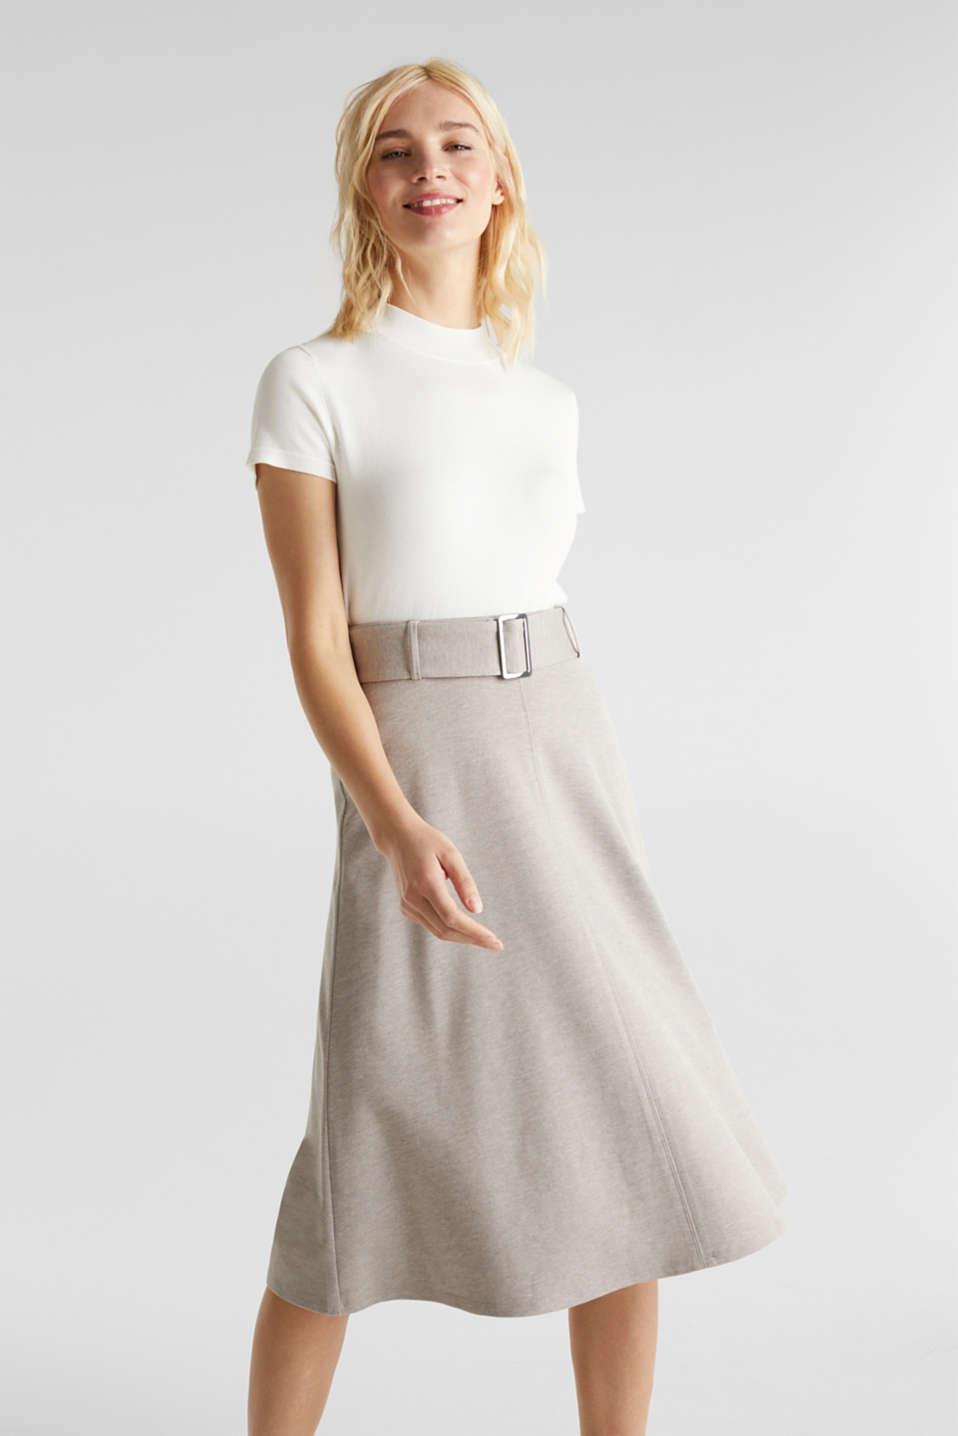 Melange A-line jersey skirt, LIGHT BEIGE, detail image number 0